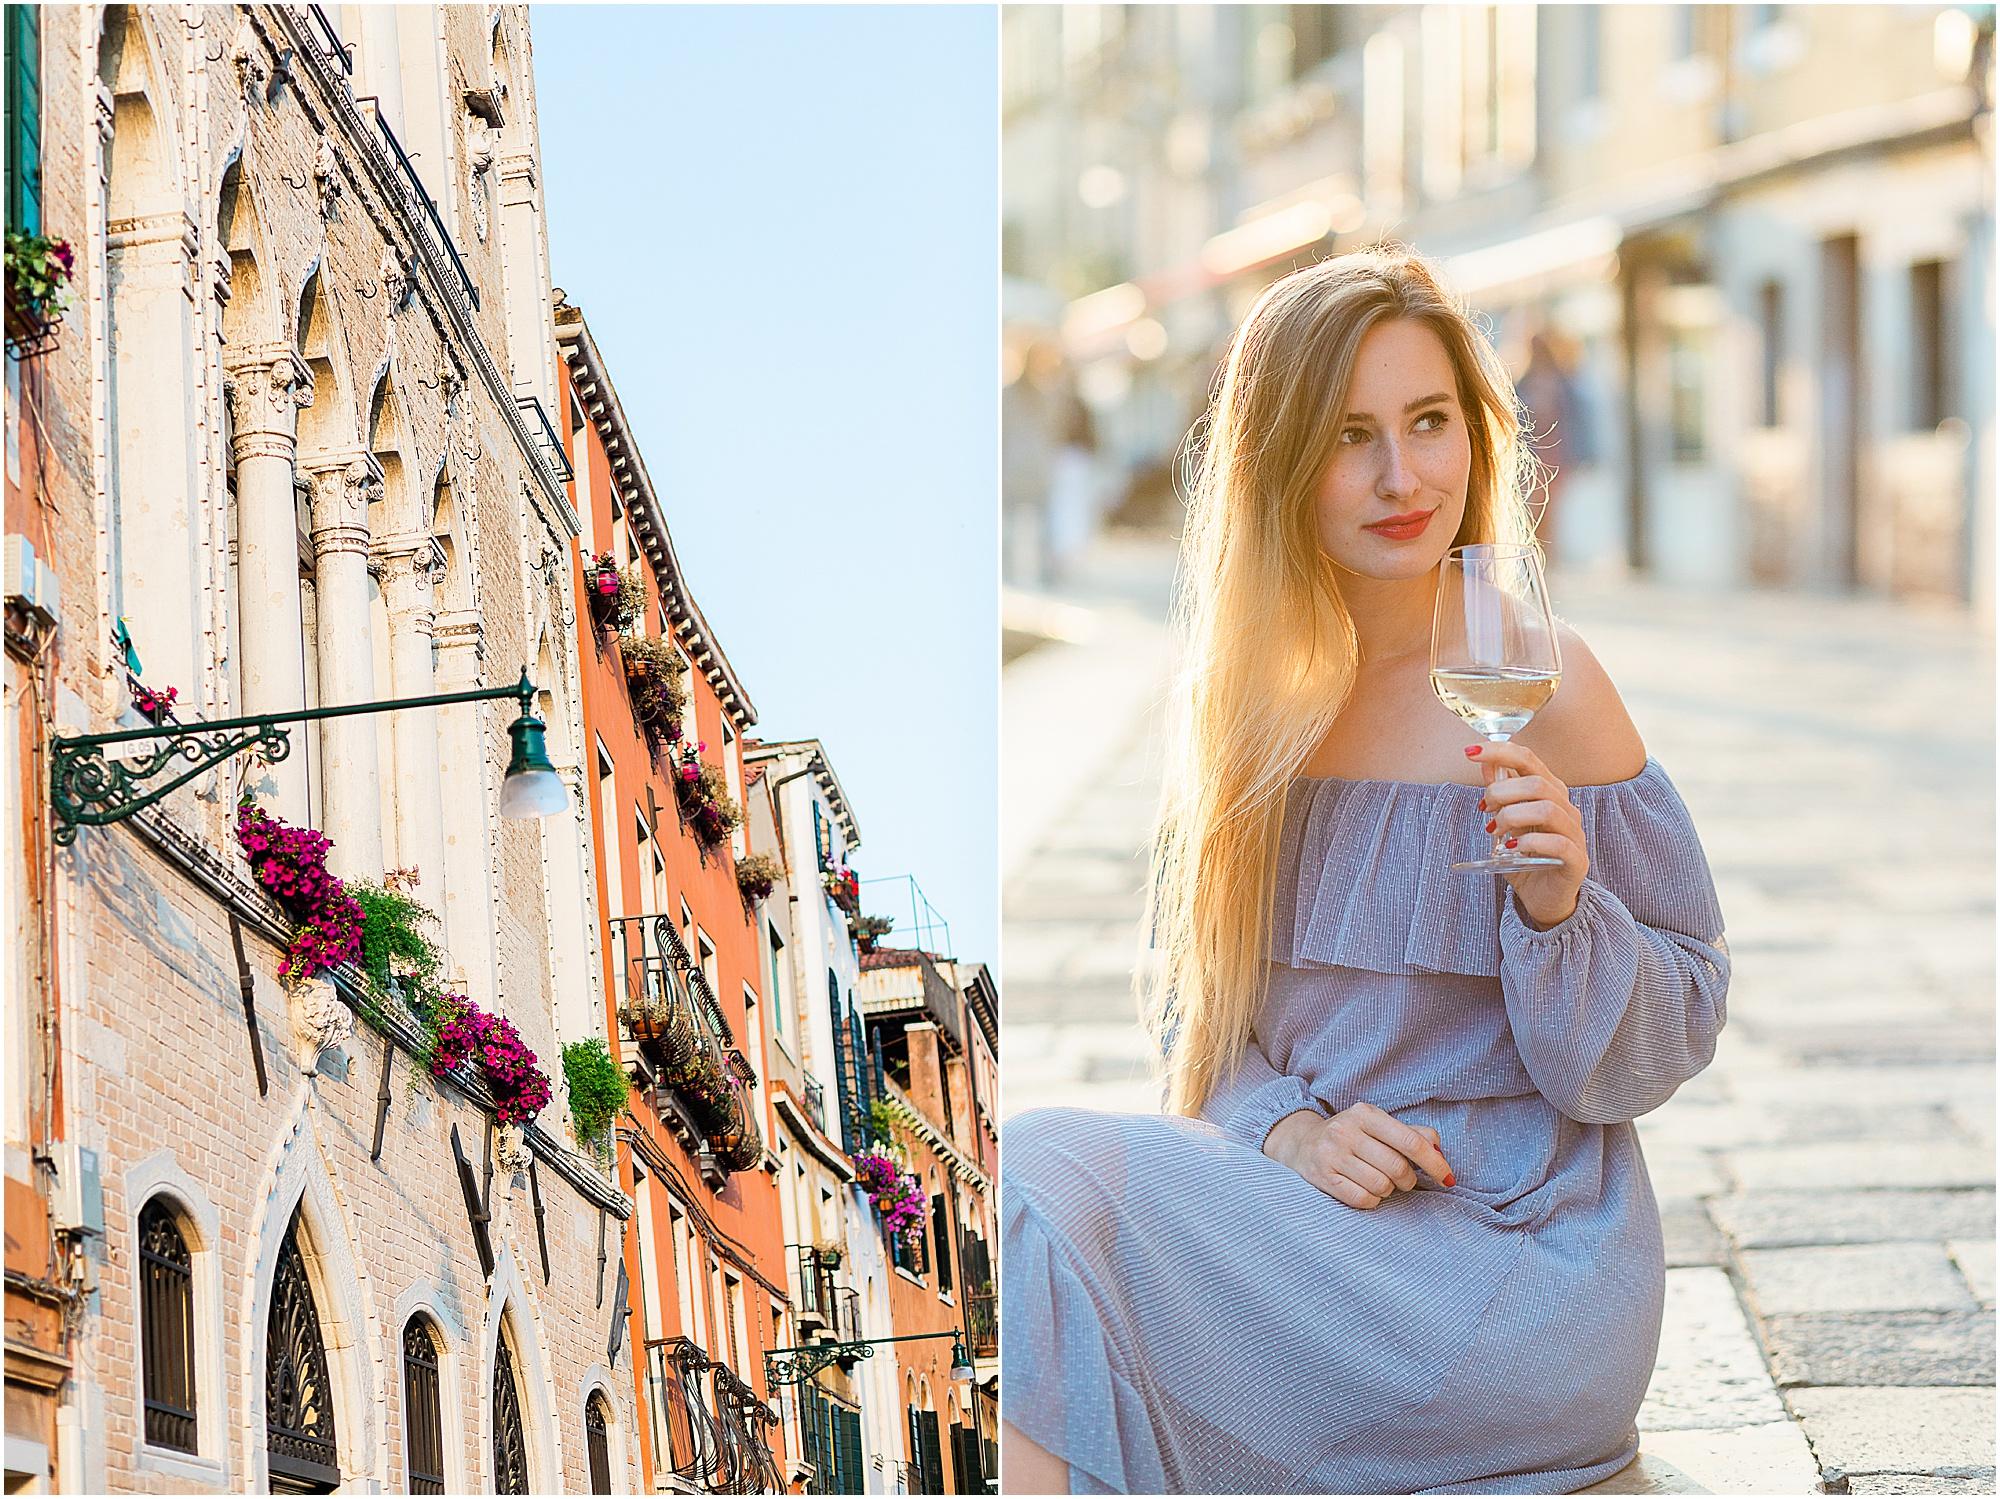 lifestyle-photoshoot-in-venice-gondola-sunrise-stefano-degirmenci_0053.jpg